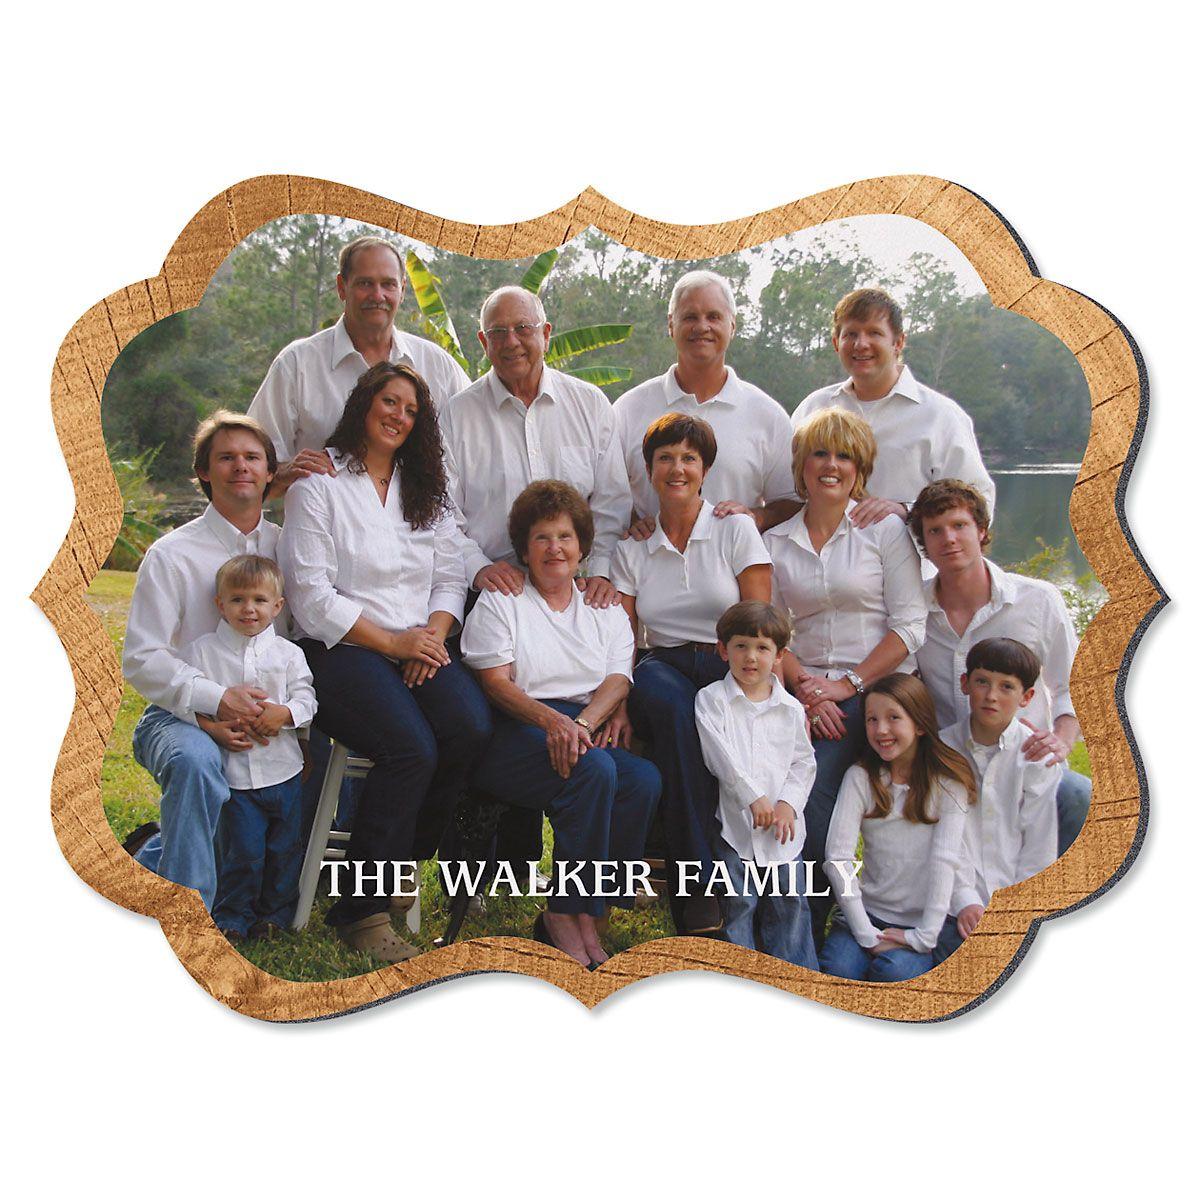 Midtone Wood Family Name Benelux Photo Plaque